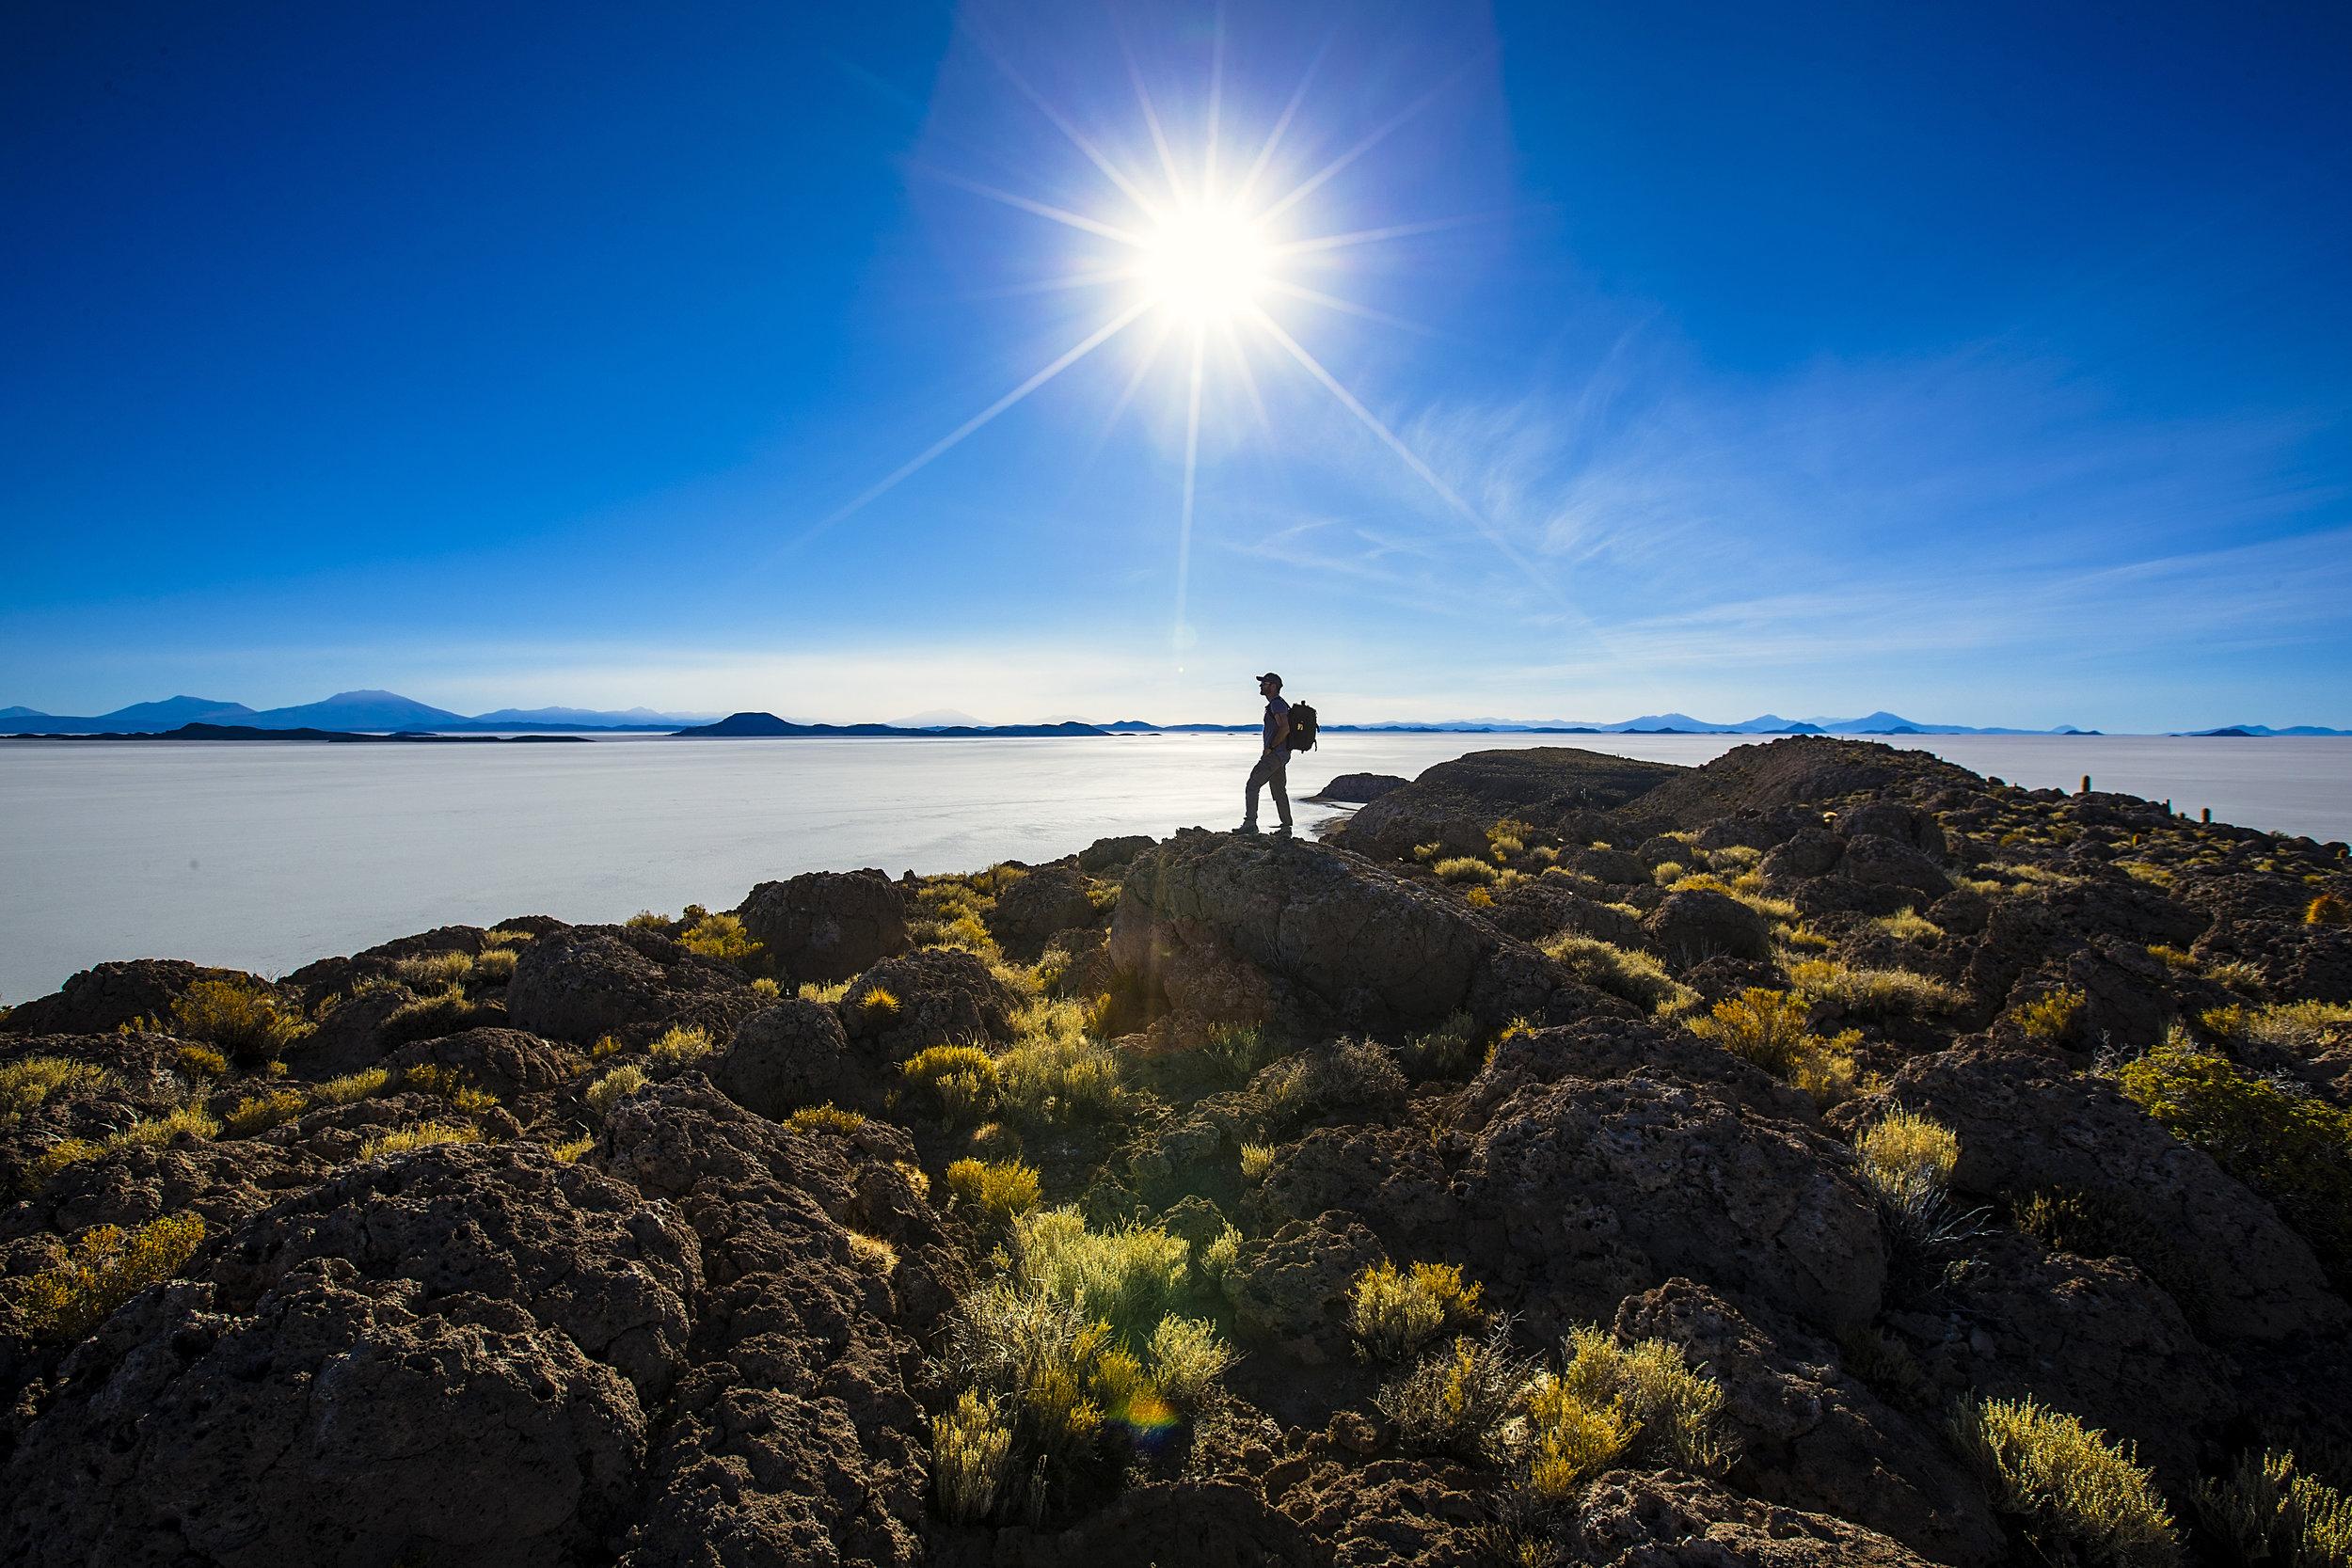 Simon+Needham+Photography+Salt+Flats+5.jpg